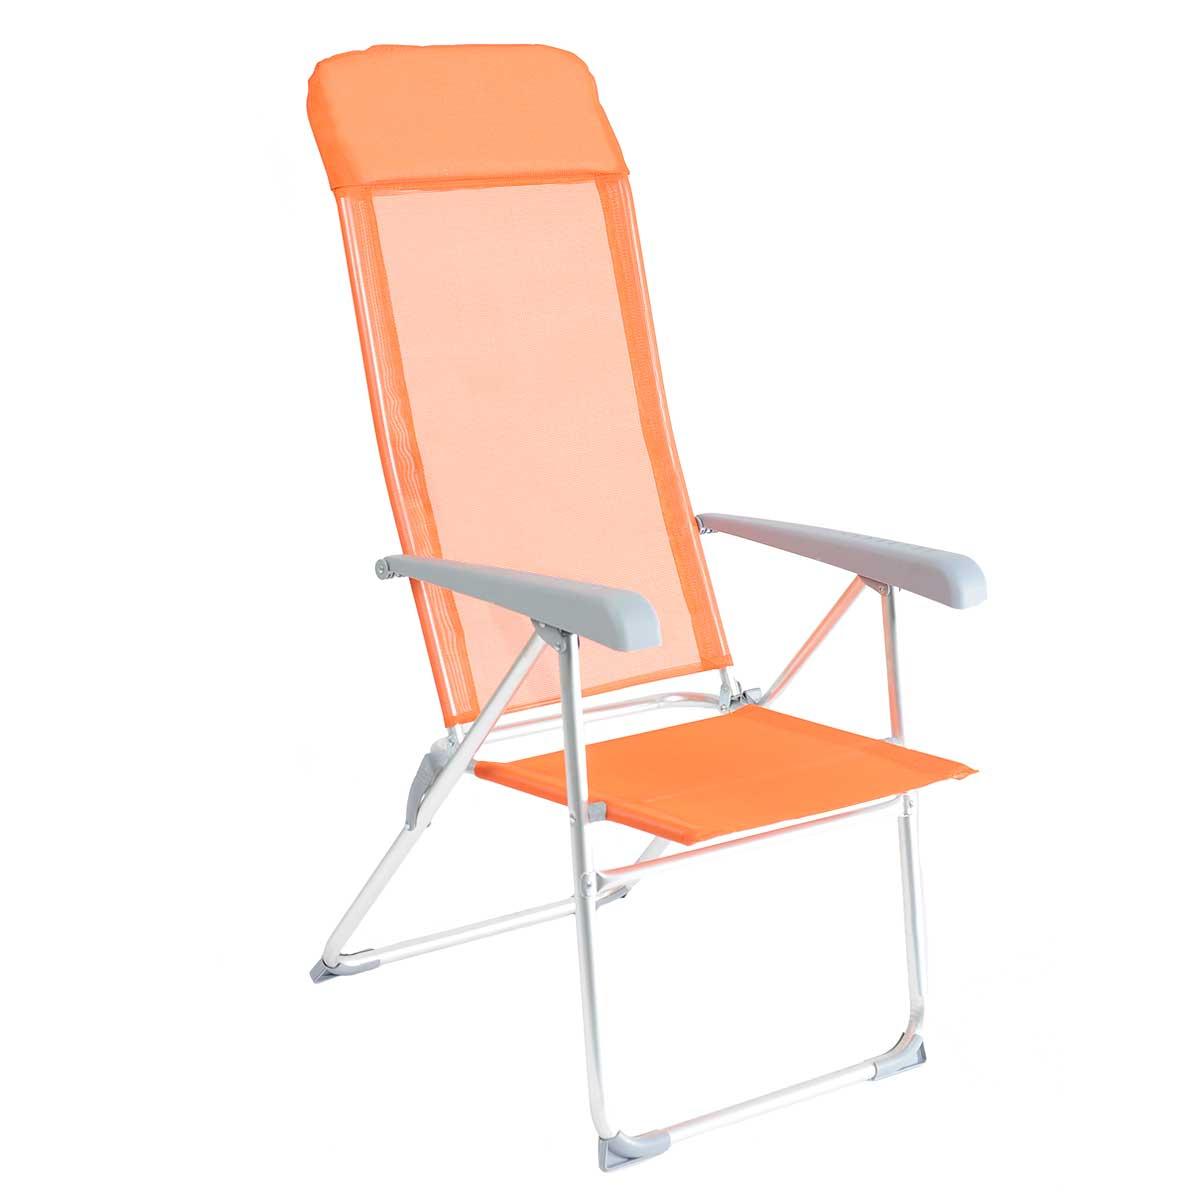 Кресло складное Woodland Dacha, 66 см х 58 см х 118 см защитная накидка смешарики под детское кресло цвет серый 118 х 48 см